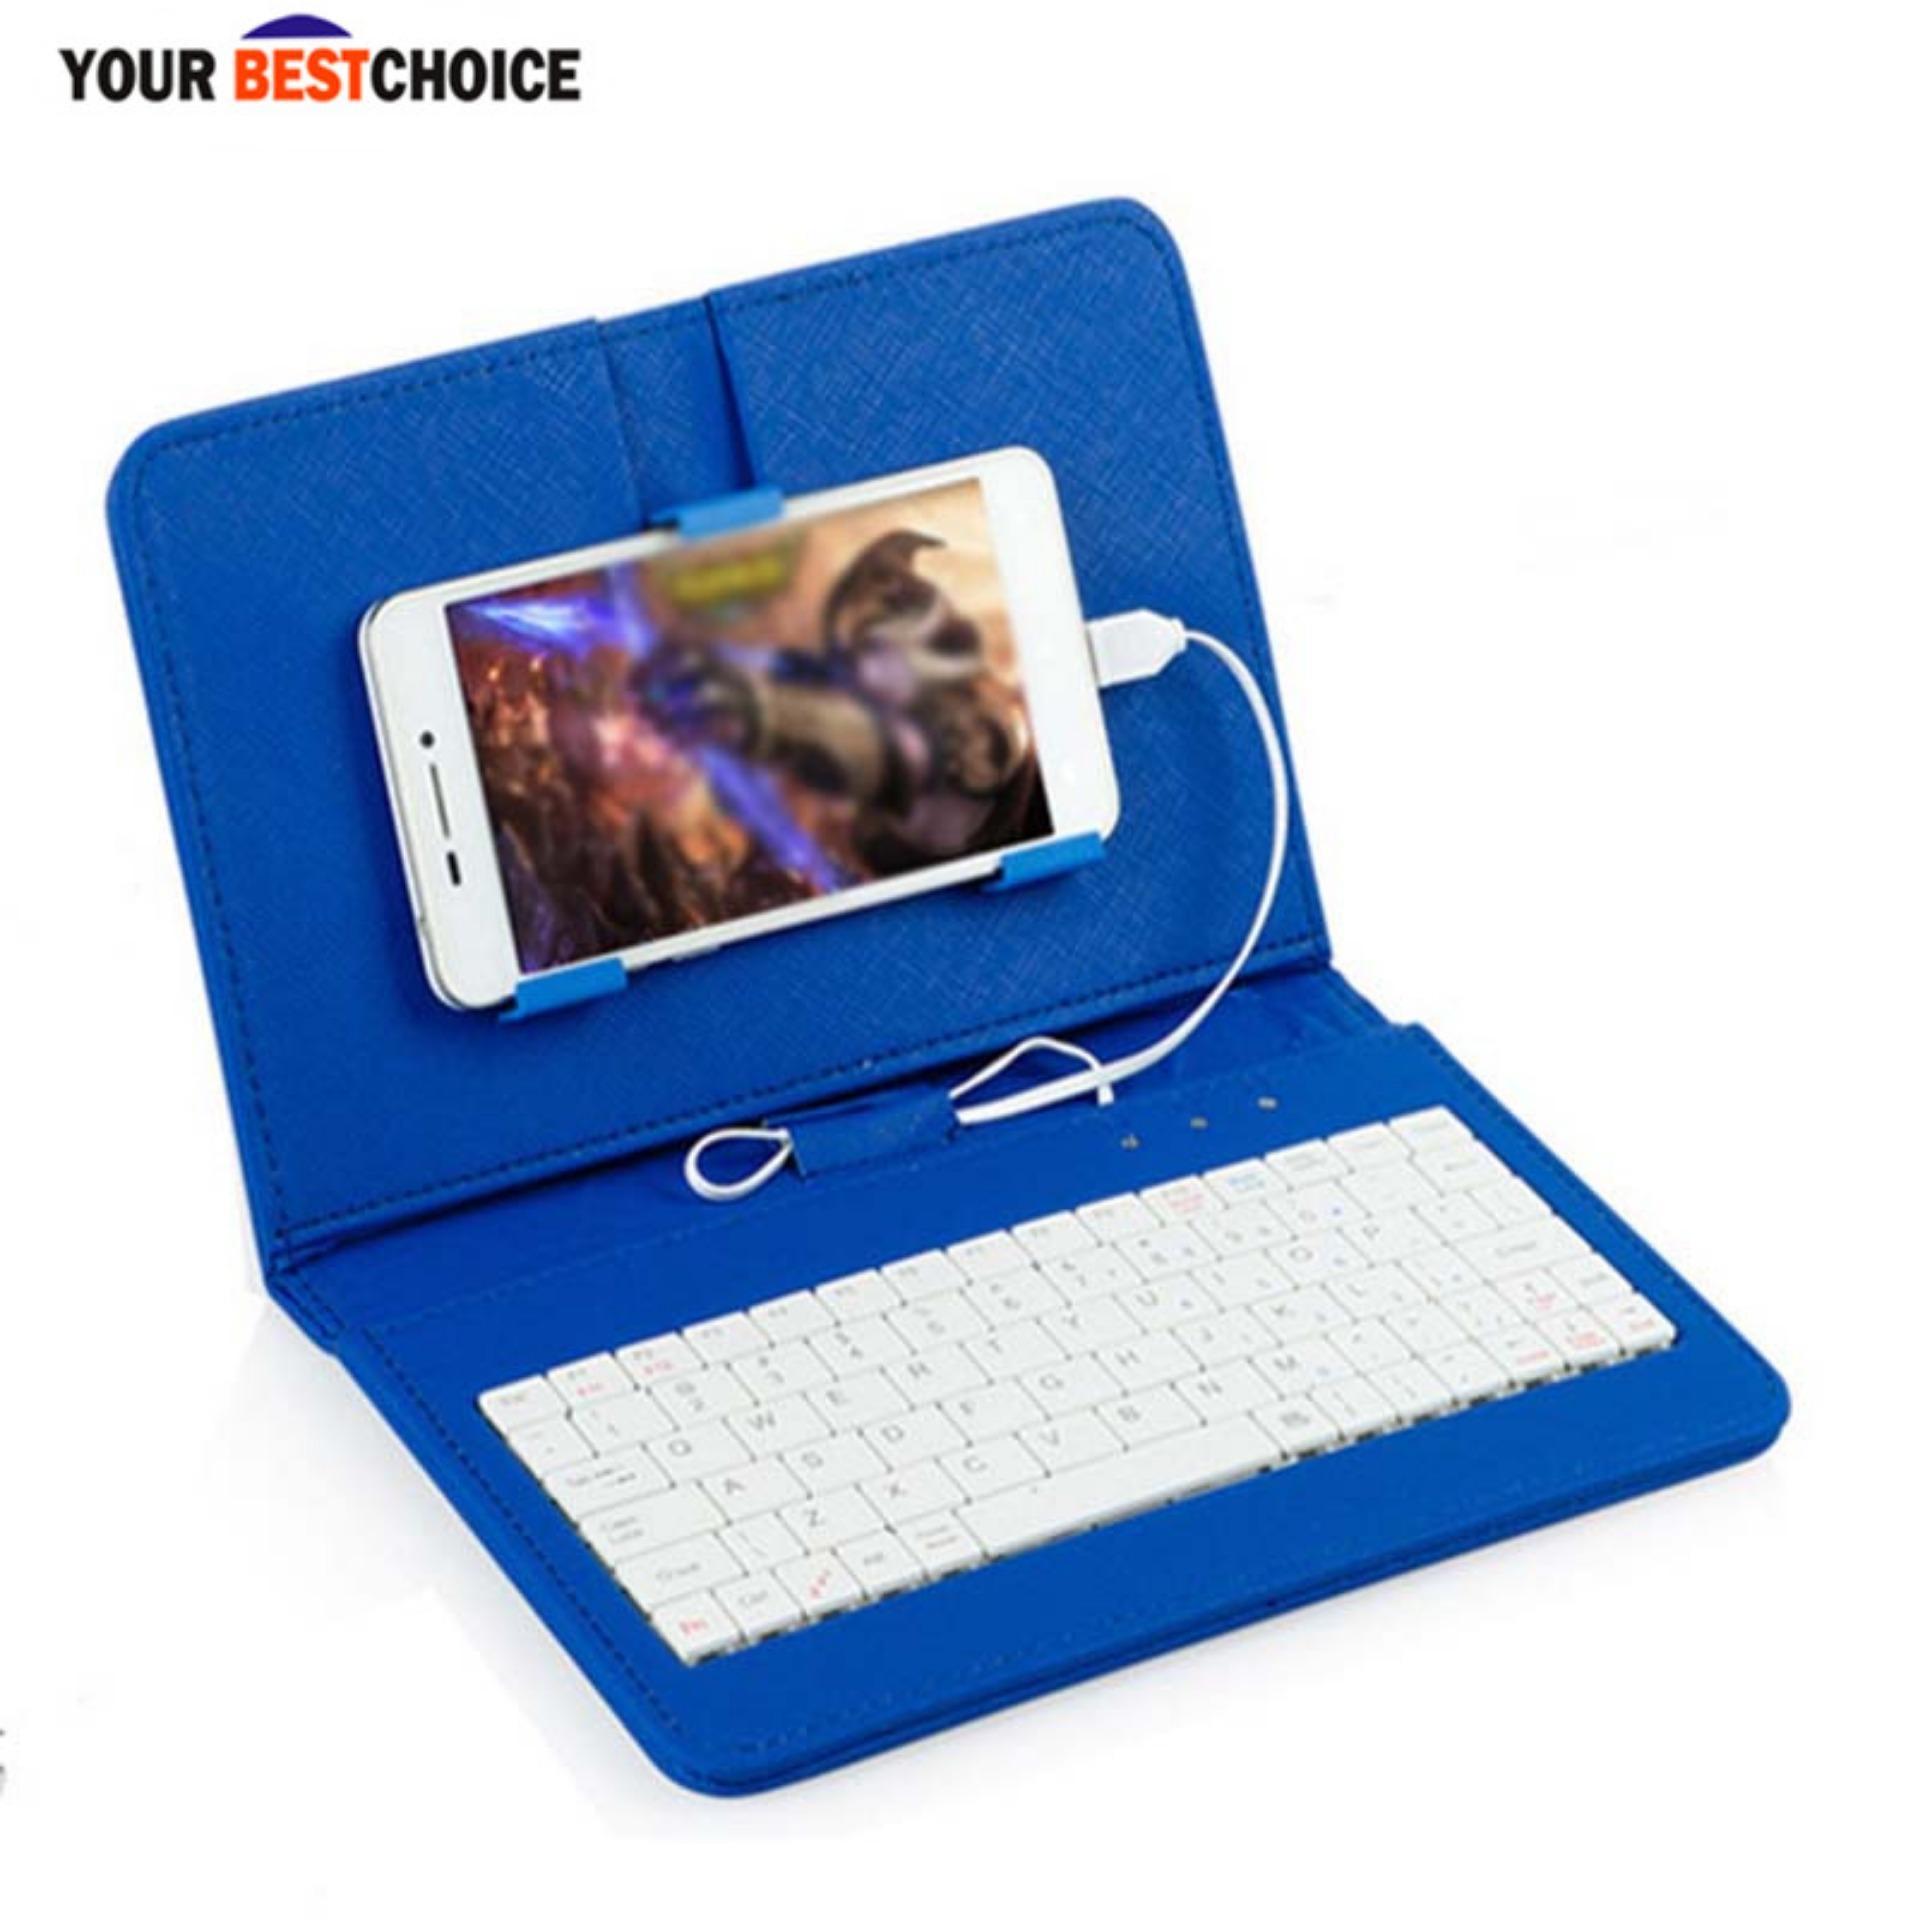 YBC Indah Kabel Keyboard dengan Sarung Pistol Case untuk Ponsel Android 4.2-6.8 Inch-Intl